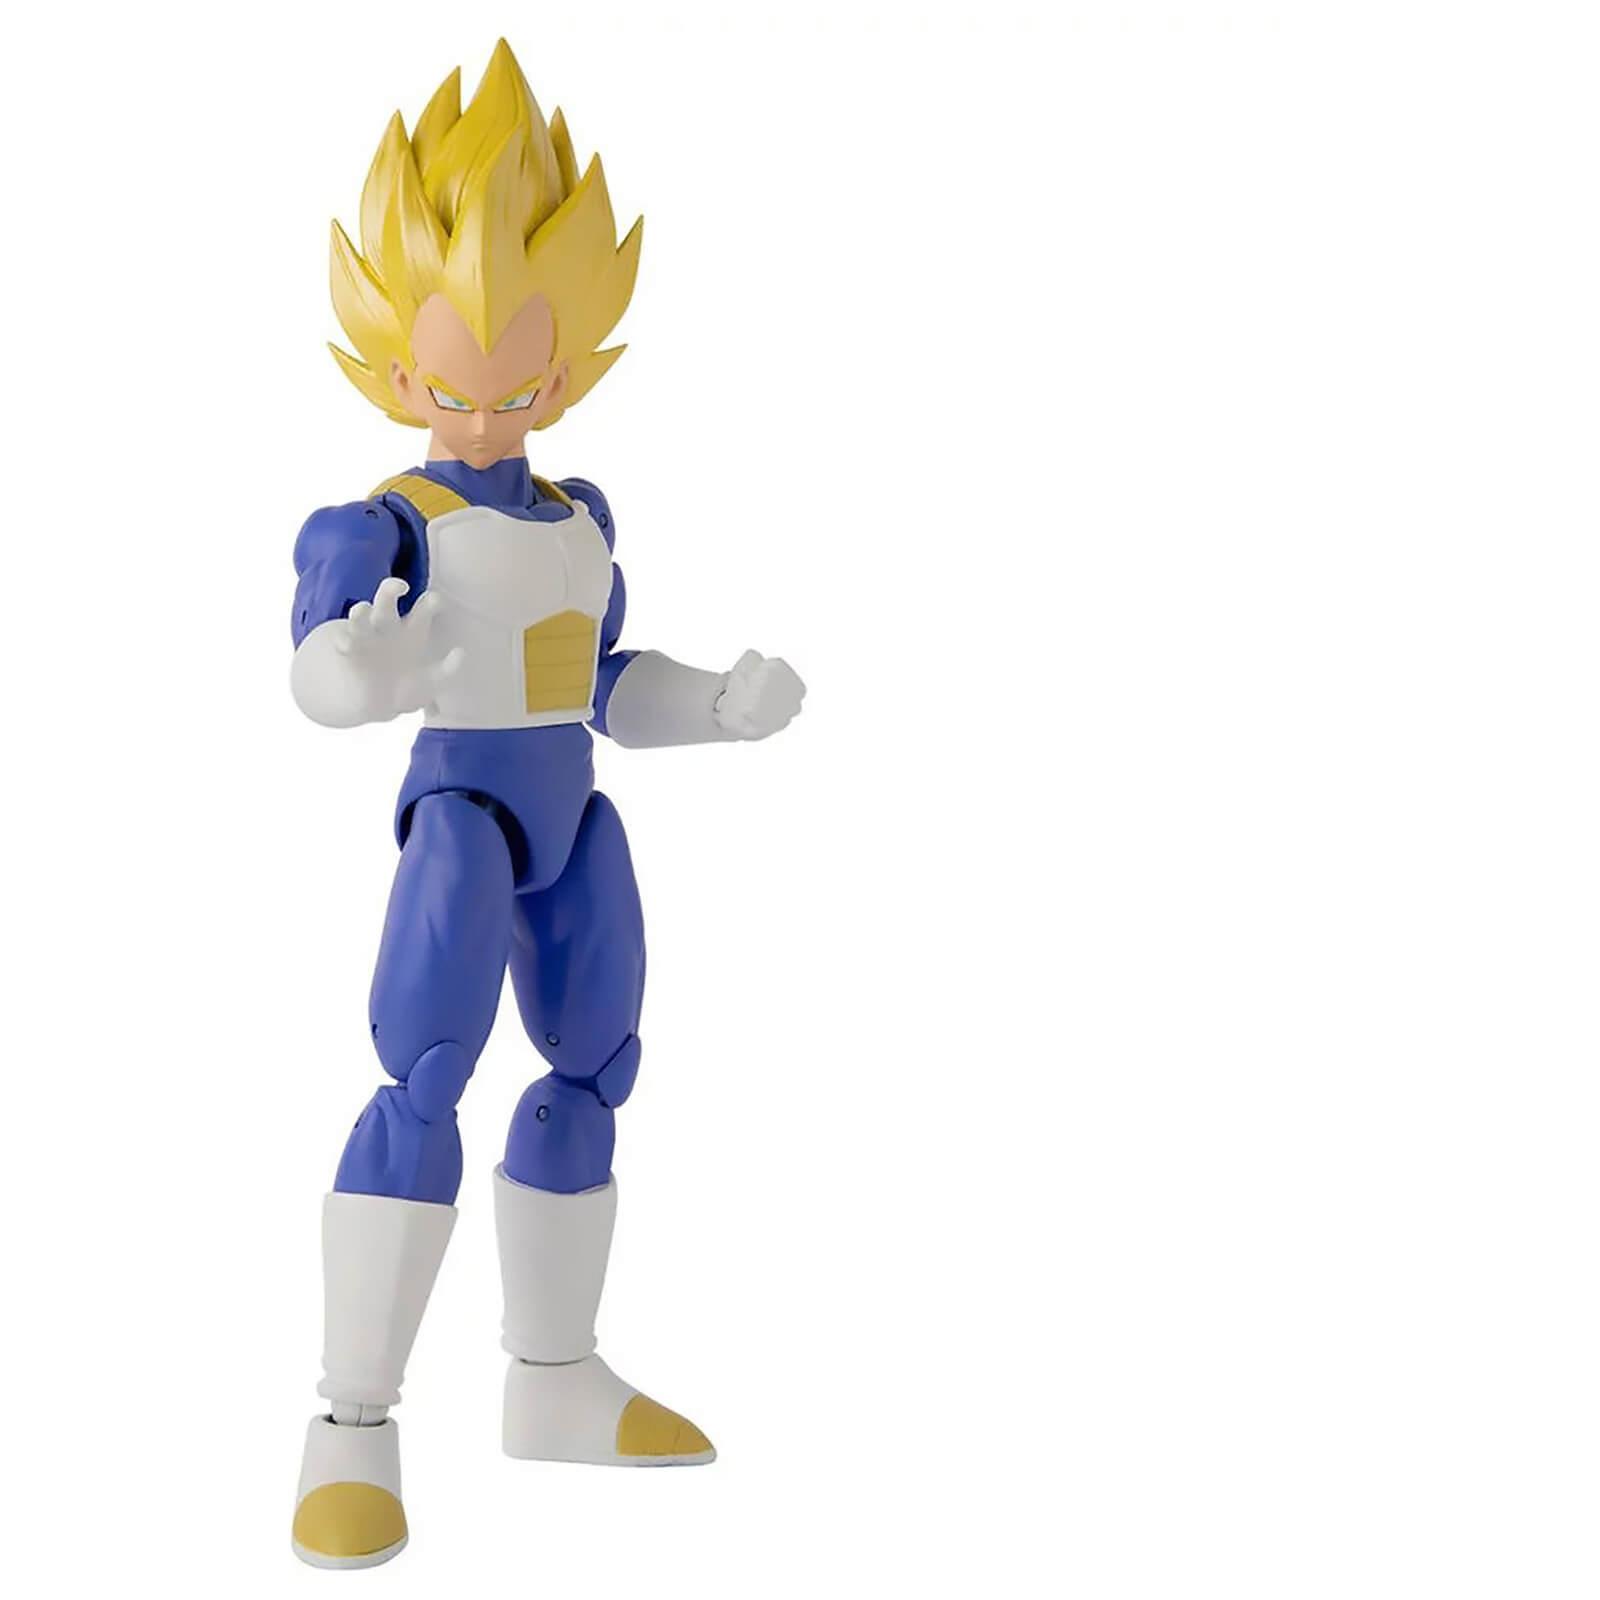 Image of Bandai Dragon Stars DBZ Super Saiyan Vegeta Version 2 Action Figure